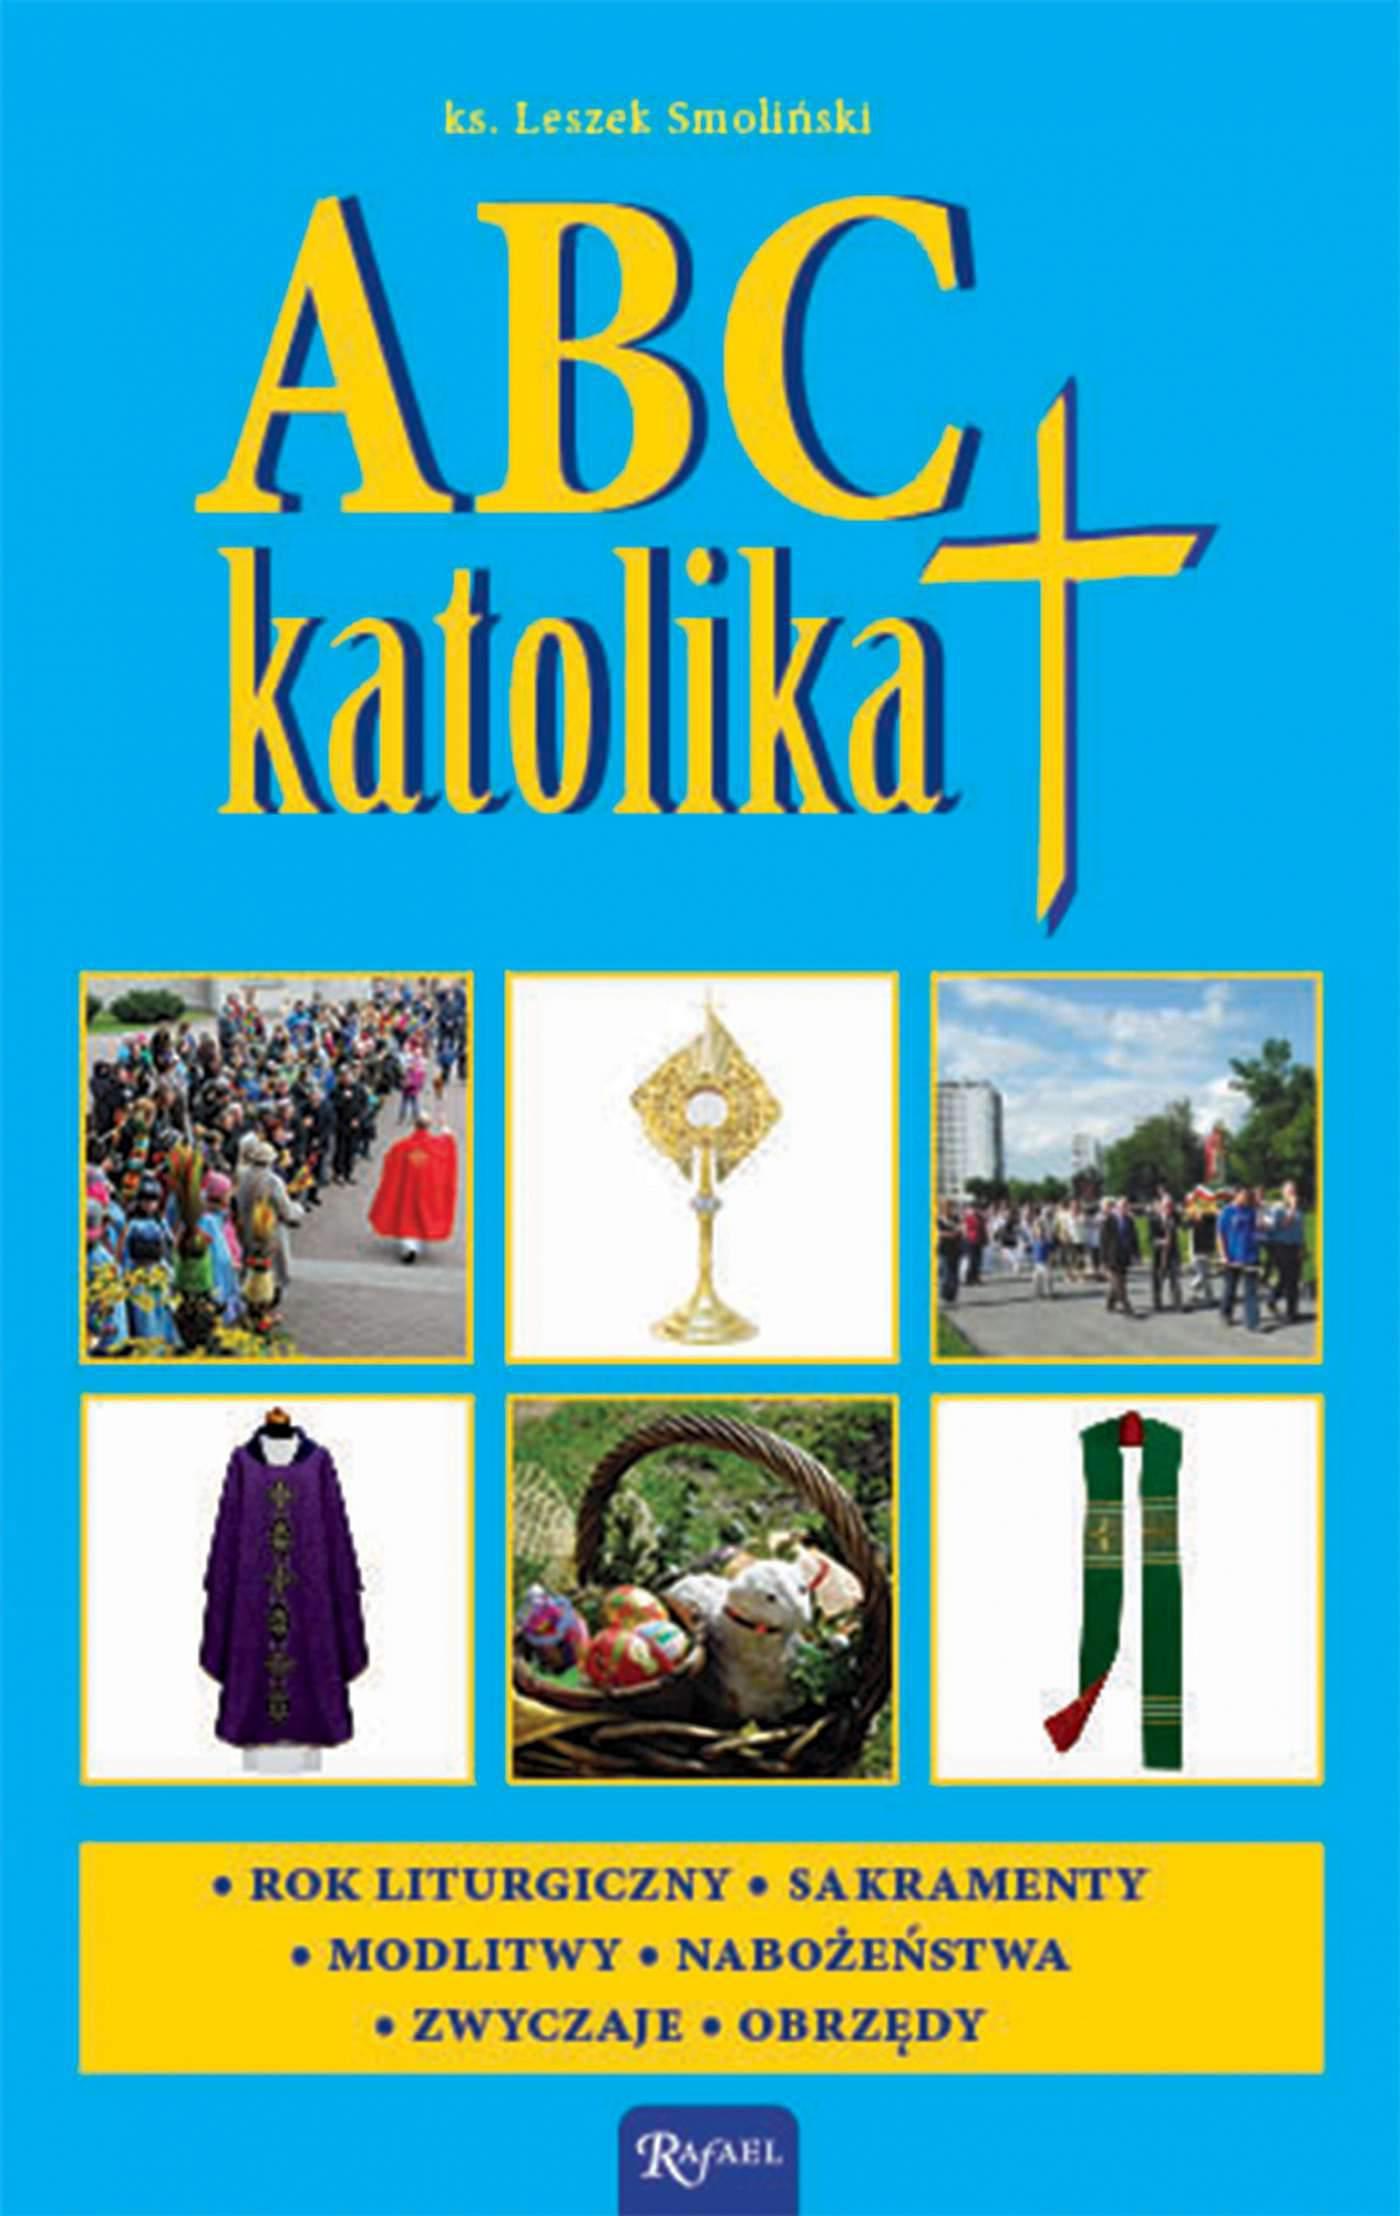 ABC katolika - Ebook (Książka EPUB) do pobrania w formacie EPUB